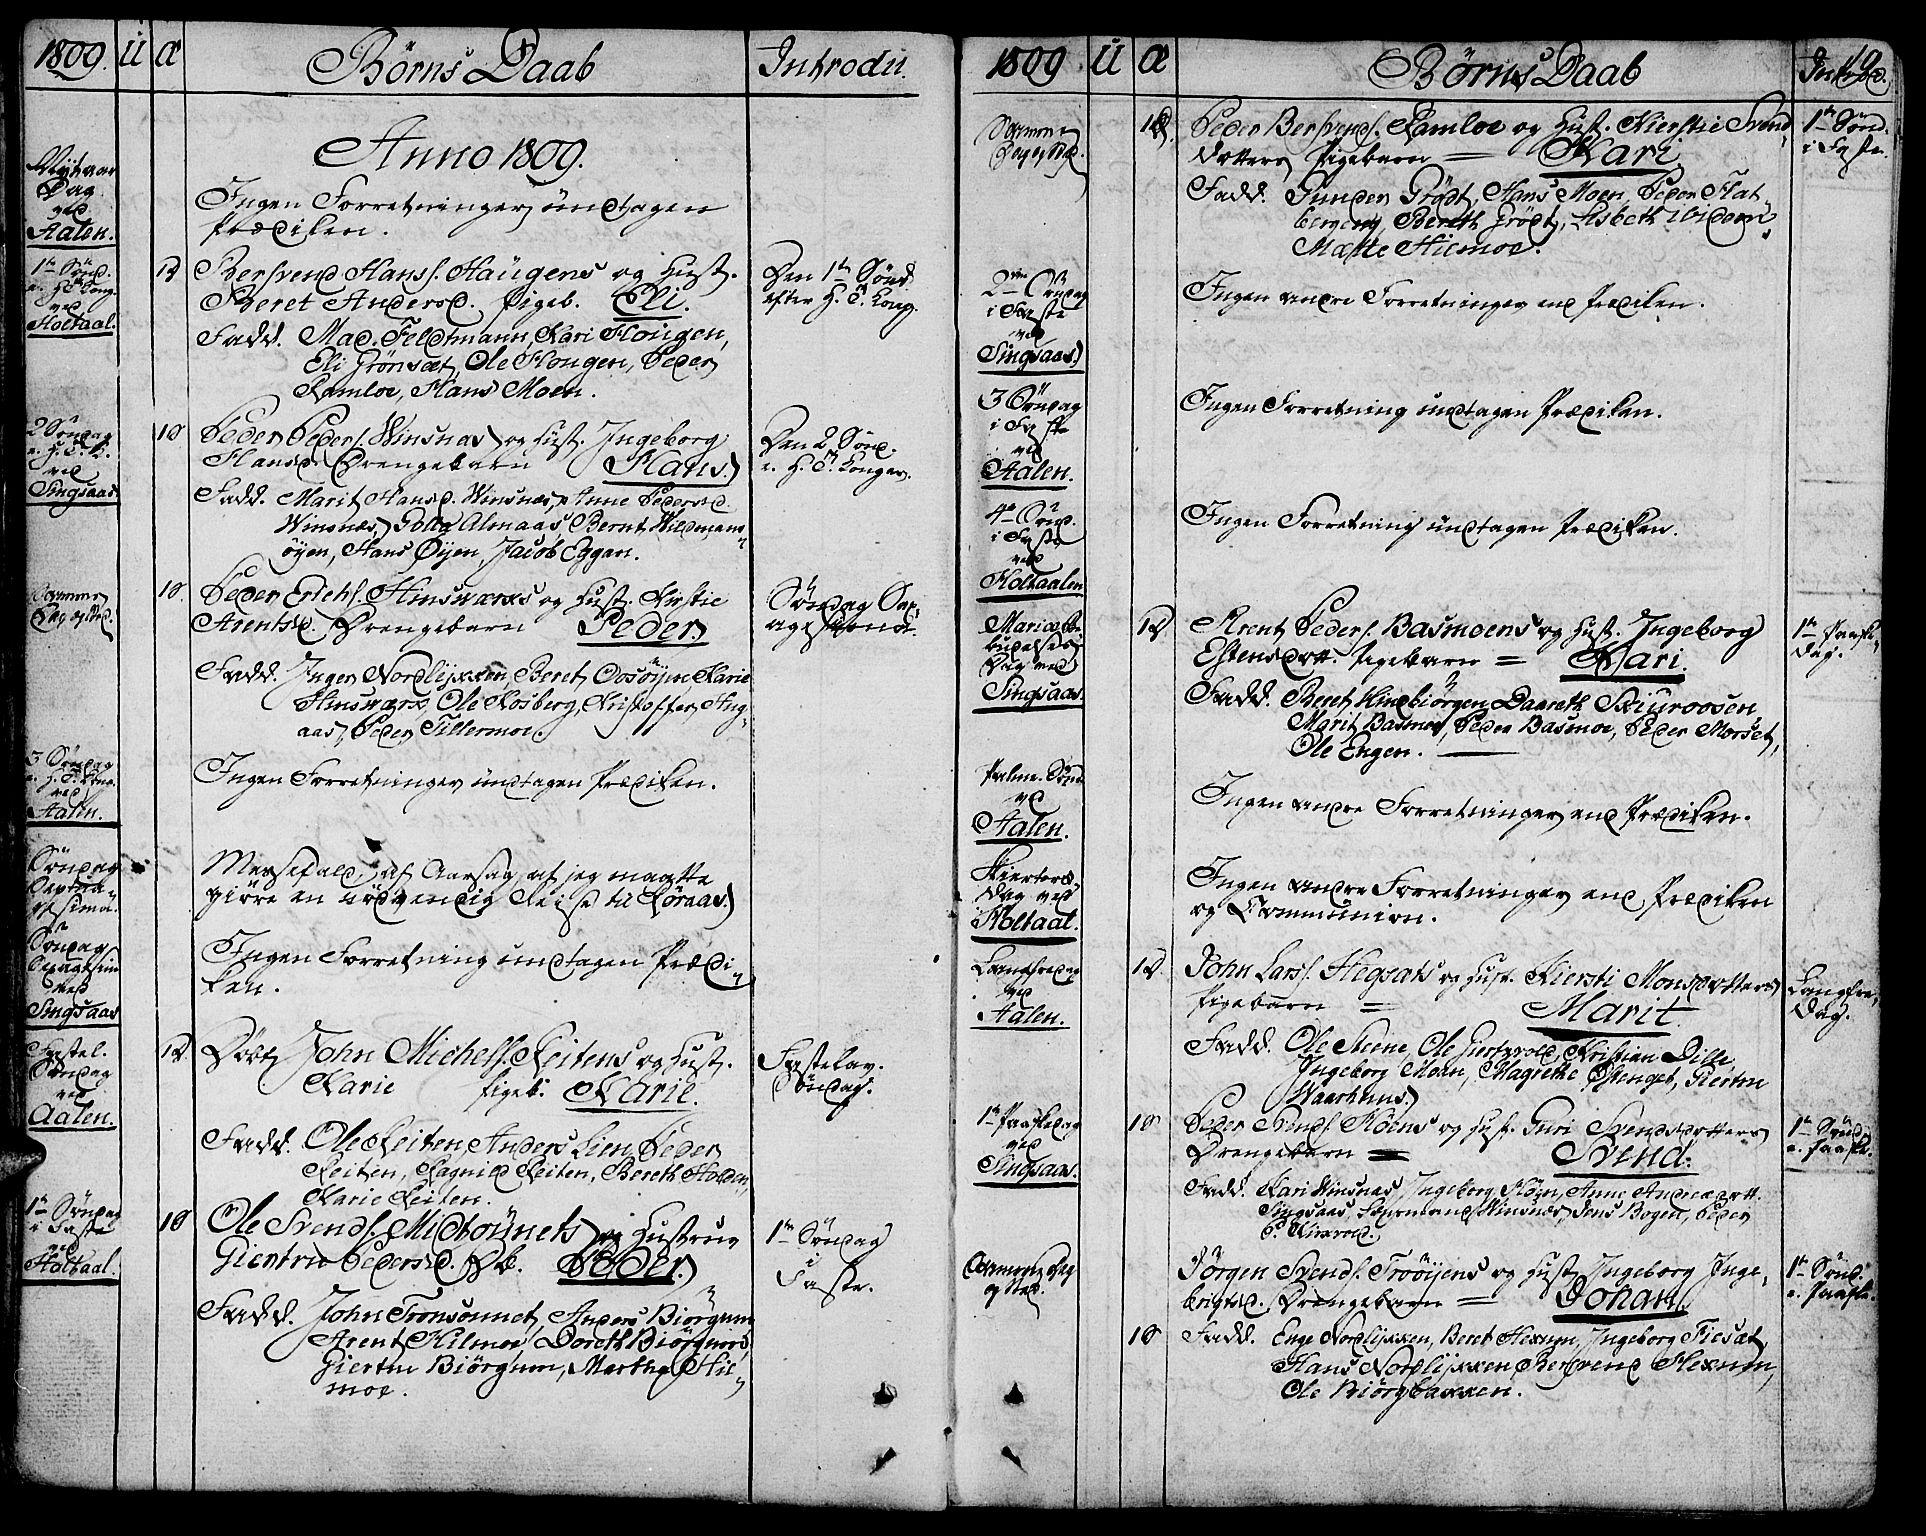 SAT, Ministerialprotokoller, klokkerbøker og fødselsregistre - Sør-Trøndelag, 685/L0953: Ministerialbok nr. 685A02, 1805-1816, s. 19